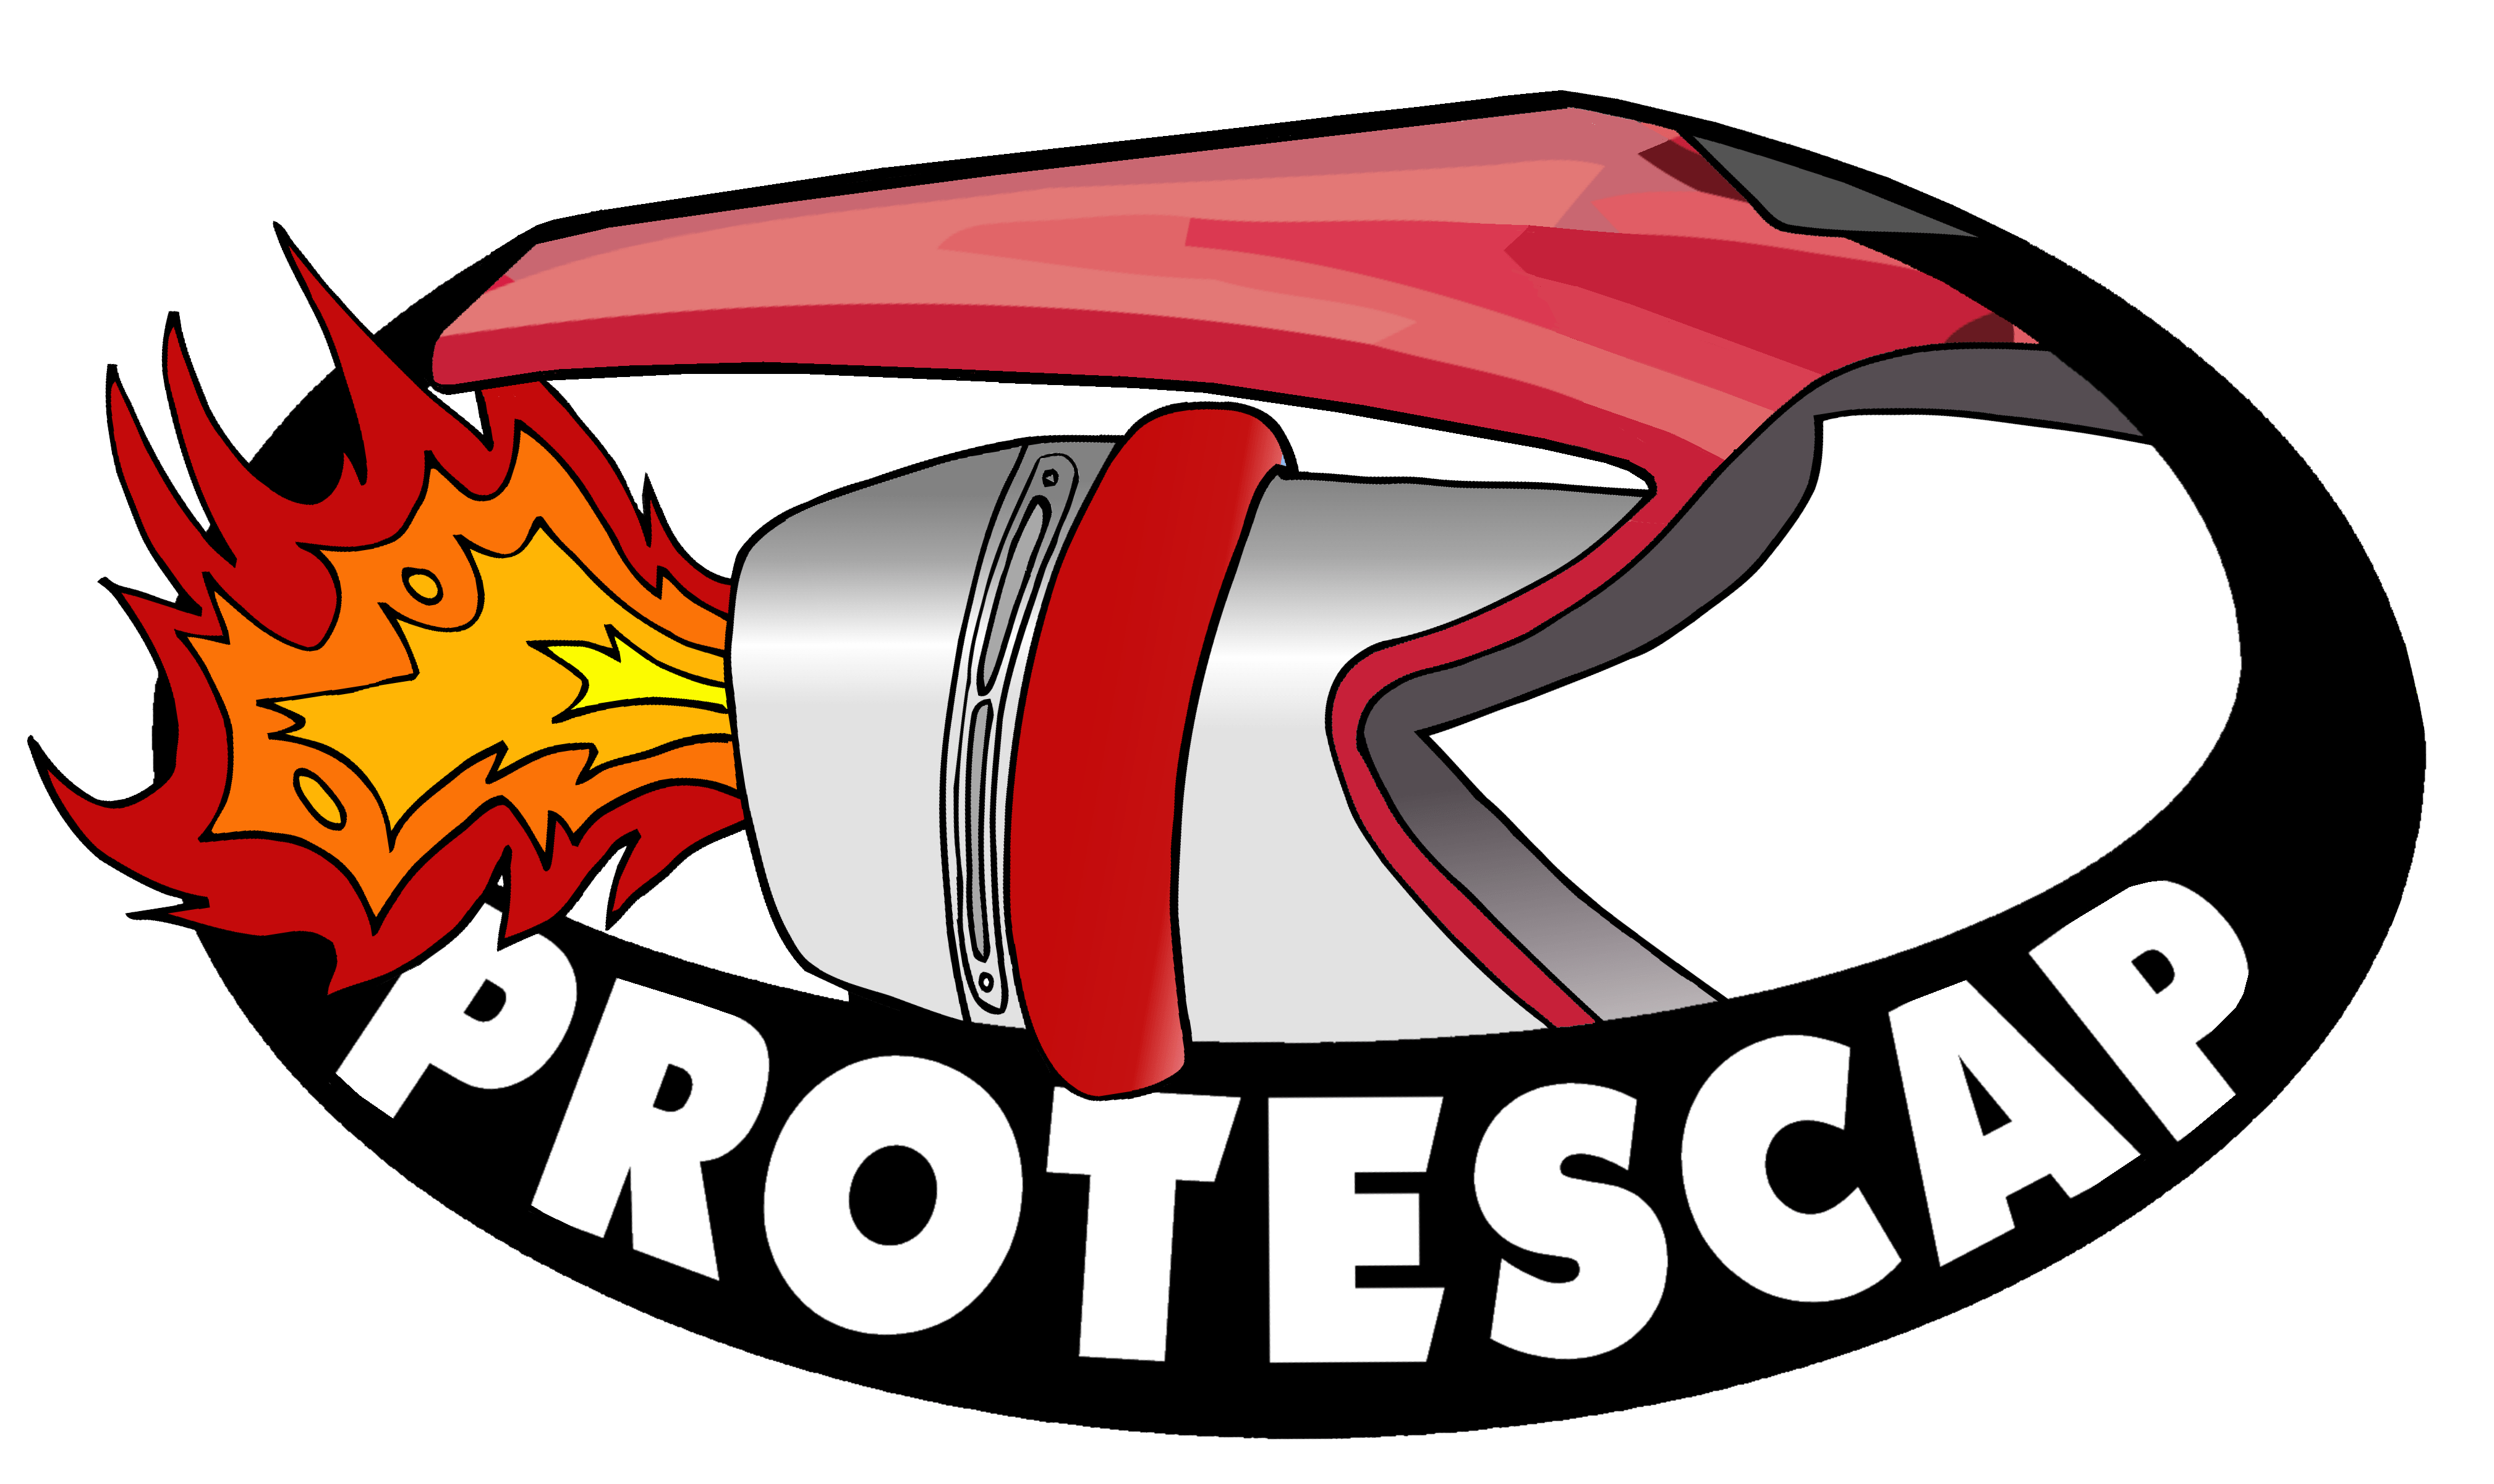 PROTESCAP